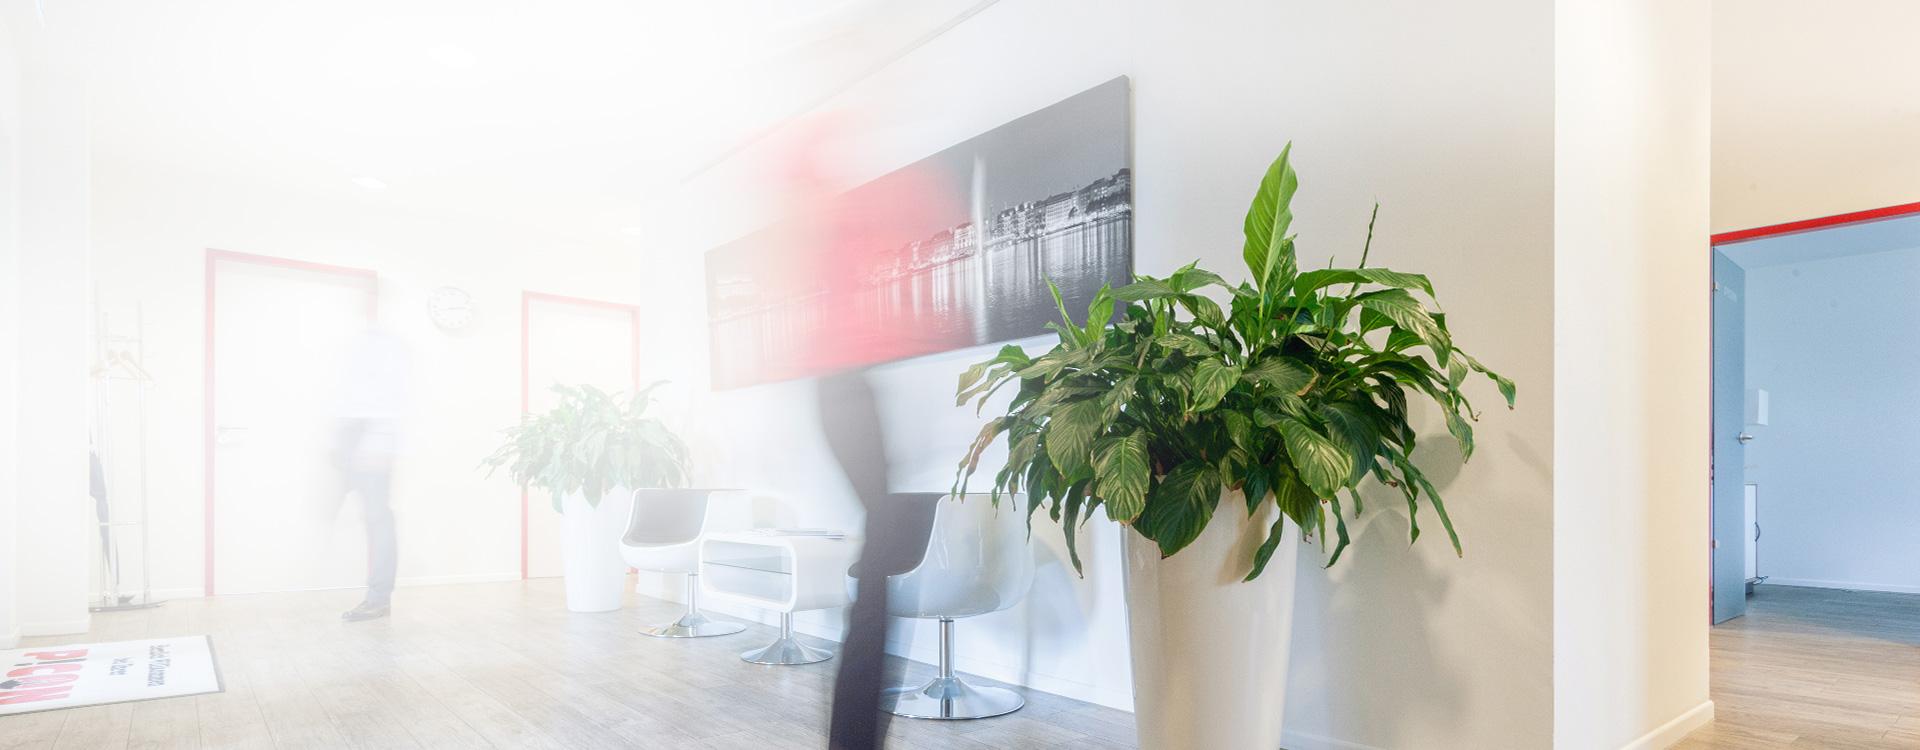 picon gmbh betriebliche altersvorsorge und immobilien. Black Bedroom Furniture Sets. Home Design Ideas